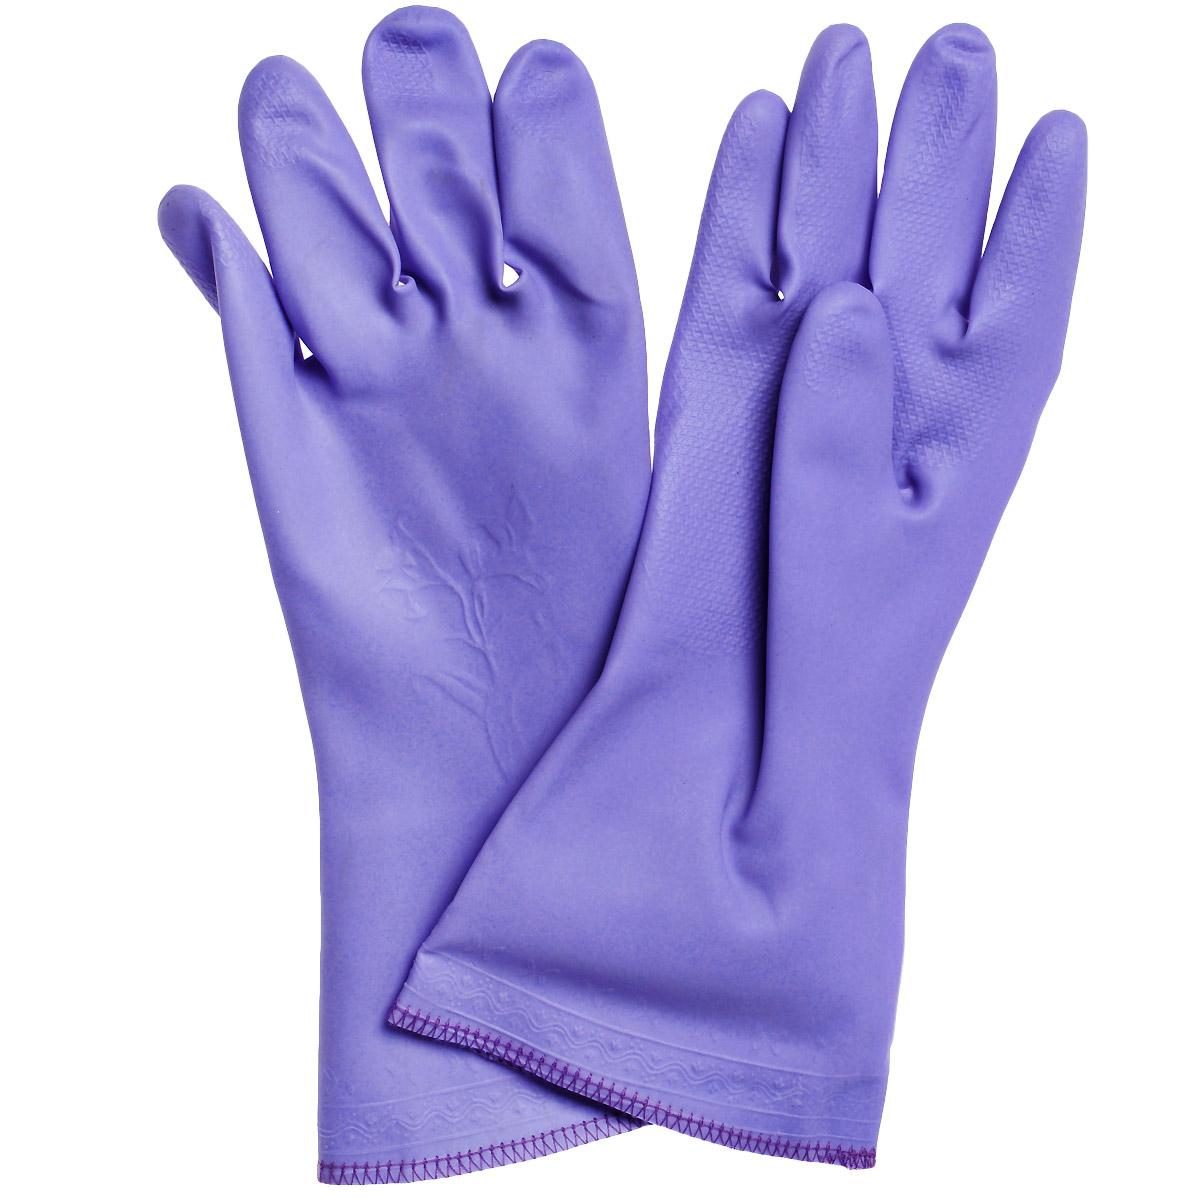 Перчатки хозяйственные Airline, из ПВХ531-105Хозяйственные перчатки Airline позволяют обеспечить защиту рук при выполнении большинства бытовых или производственных работ.Преимущества:Защита рук от нефтепродуктов и масел;Защита рук от слабых растворов кислот и щелочей;Тканевая подкладка для дополнительного комфорта.